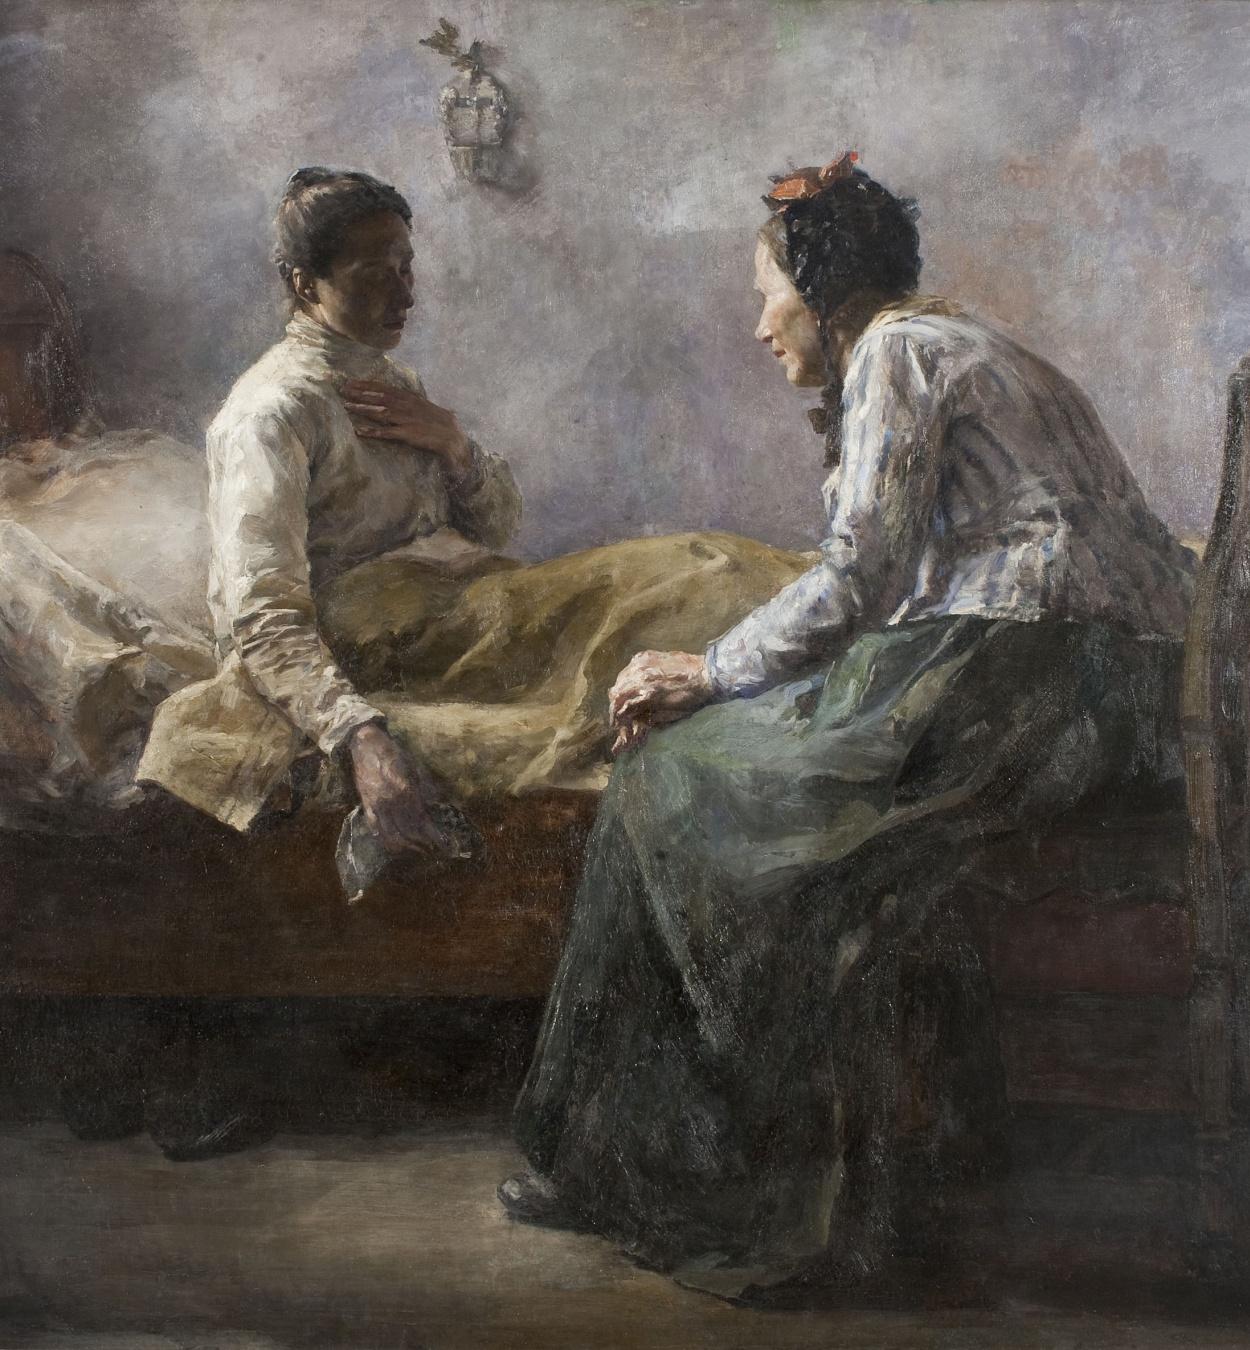 Leo van Aken - Miseria humana - 1890